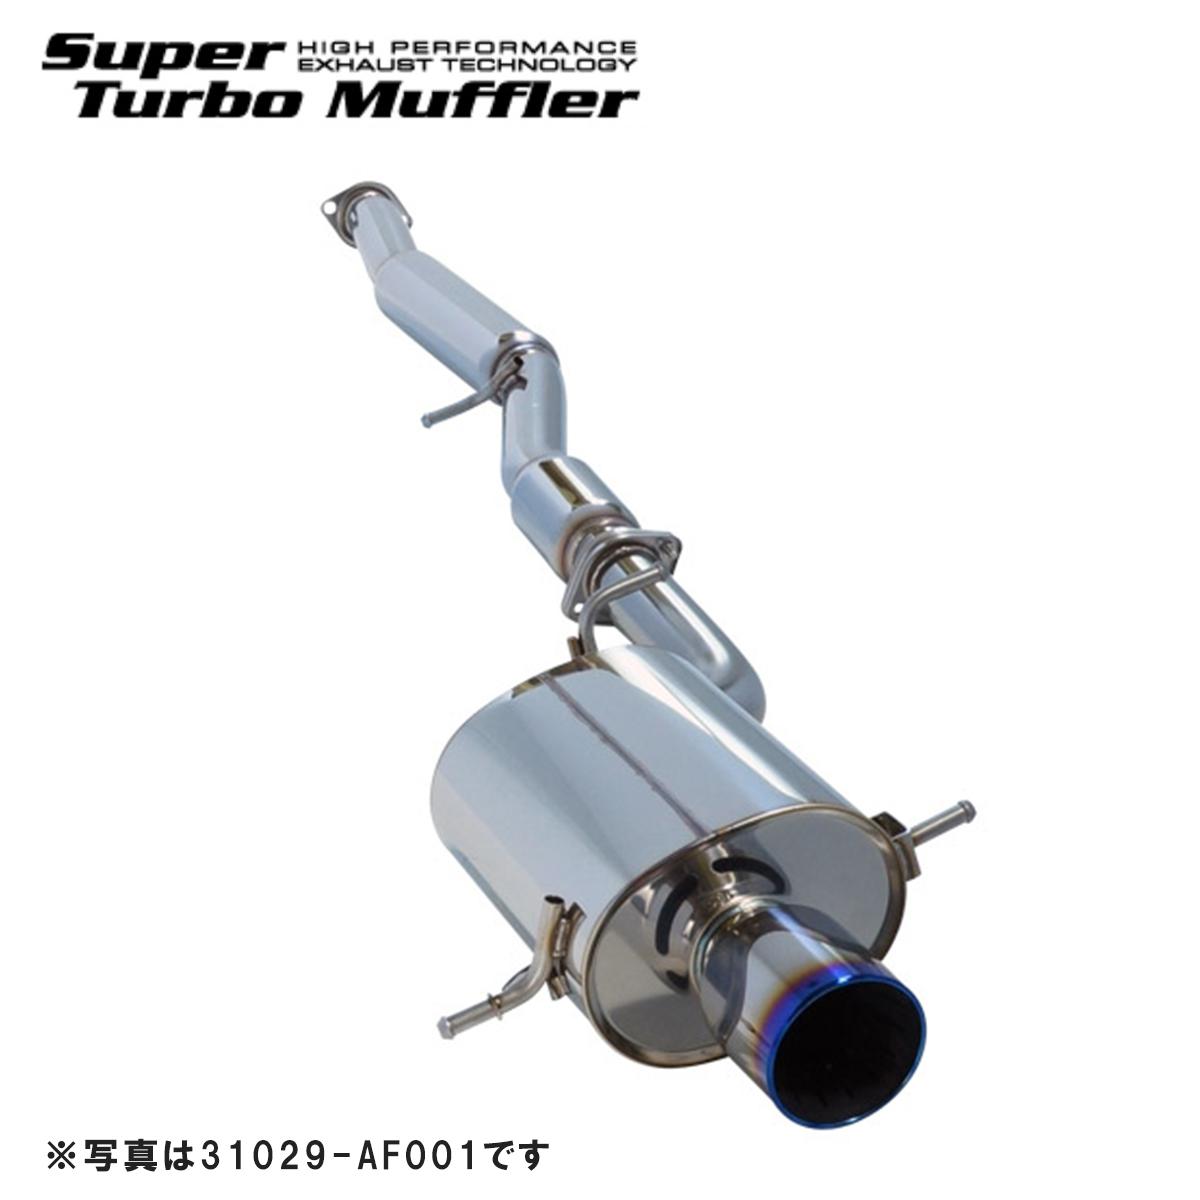 注目 チェイサー GF-JZX100 SSR マフラー SSR 31029-AT001 HKS Turbo Super Turbo Muffler HKS スーパーターボマフラー 配送先条件有り, セナ:8f6c78a4 --- pavlekovic.hr